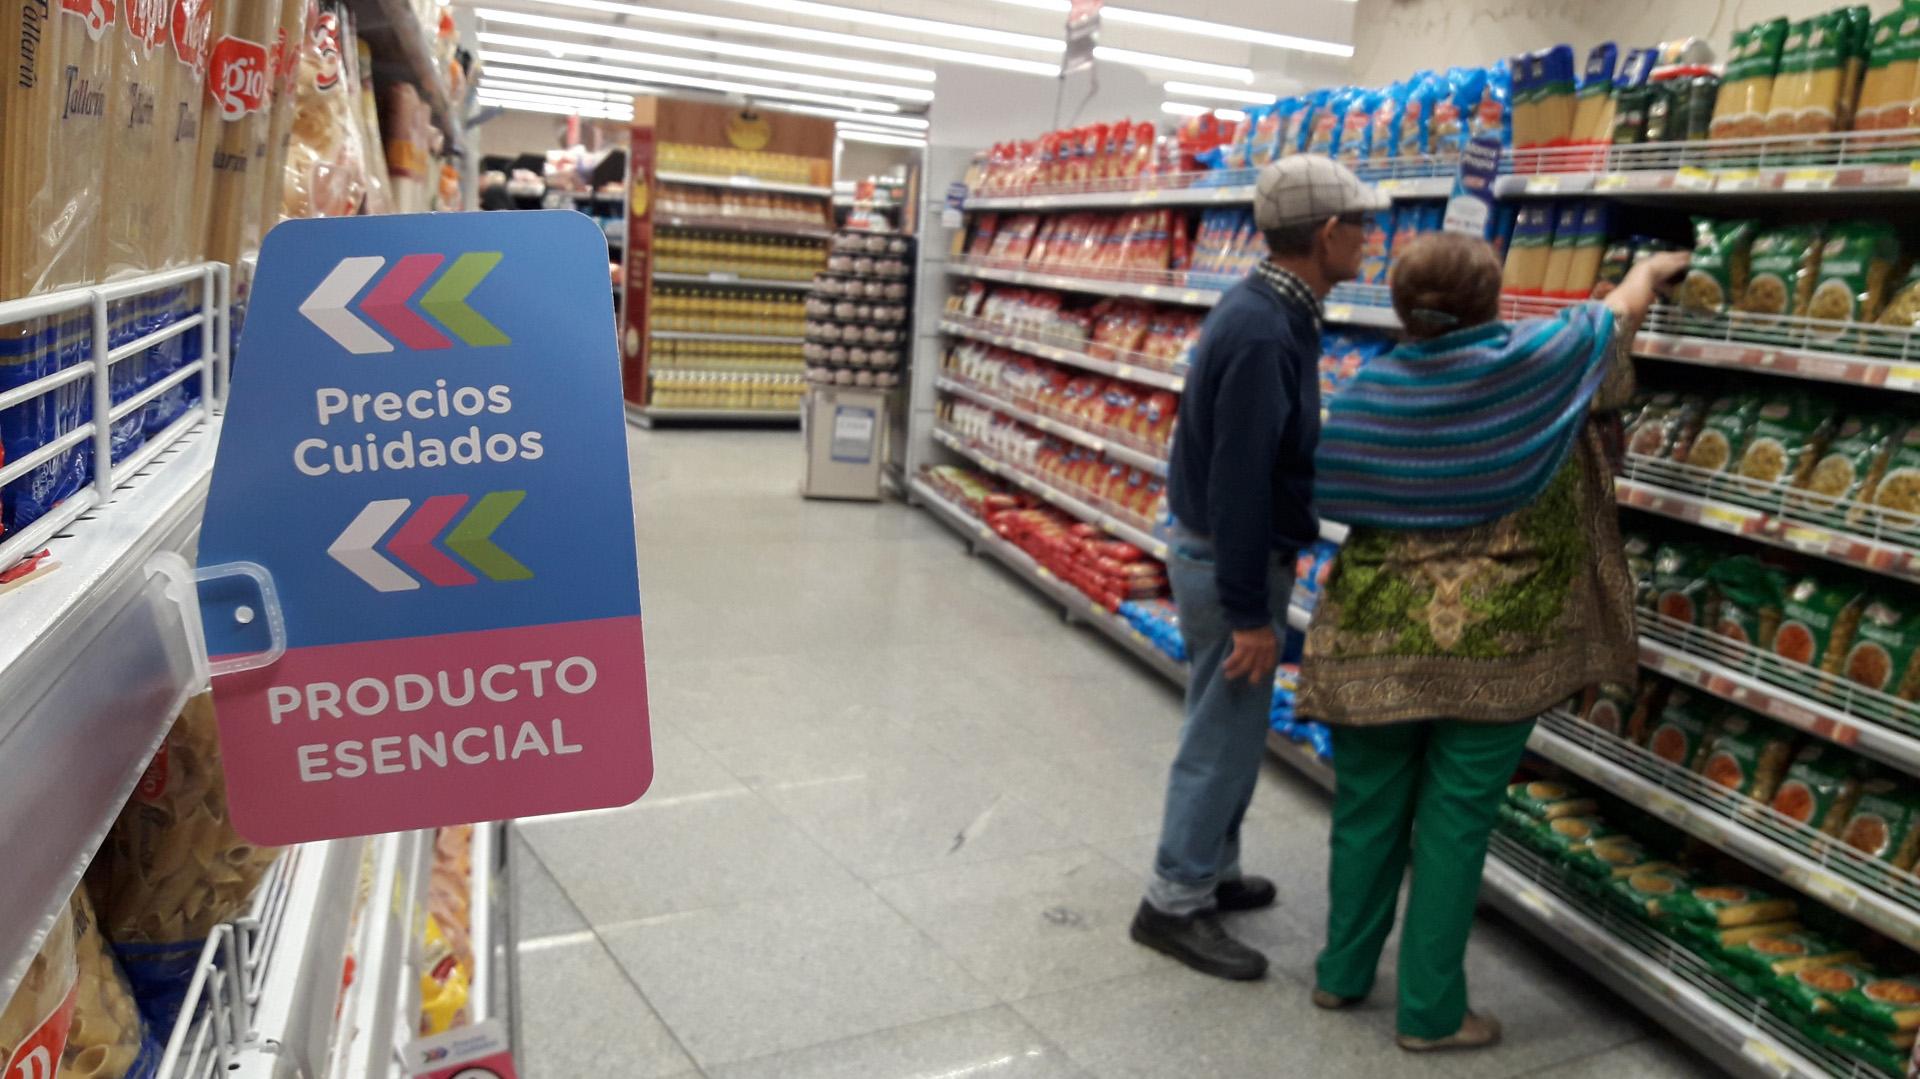 El congelamiento de tarifas y el acuerdo de precios pueden aliviar la inflación en el corto plazo (Maximiliano Luna)